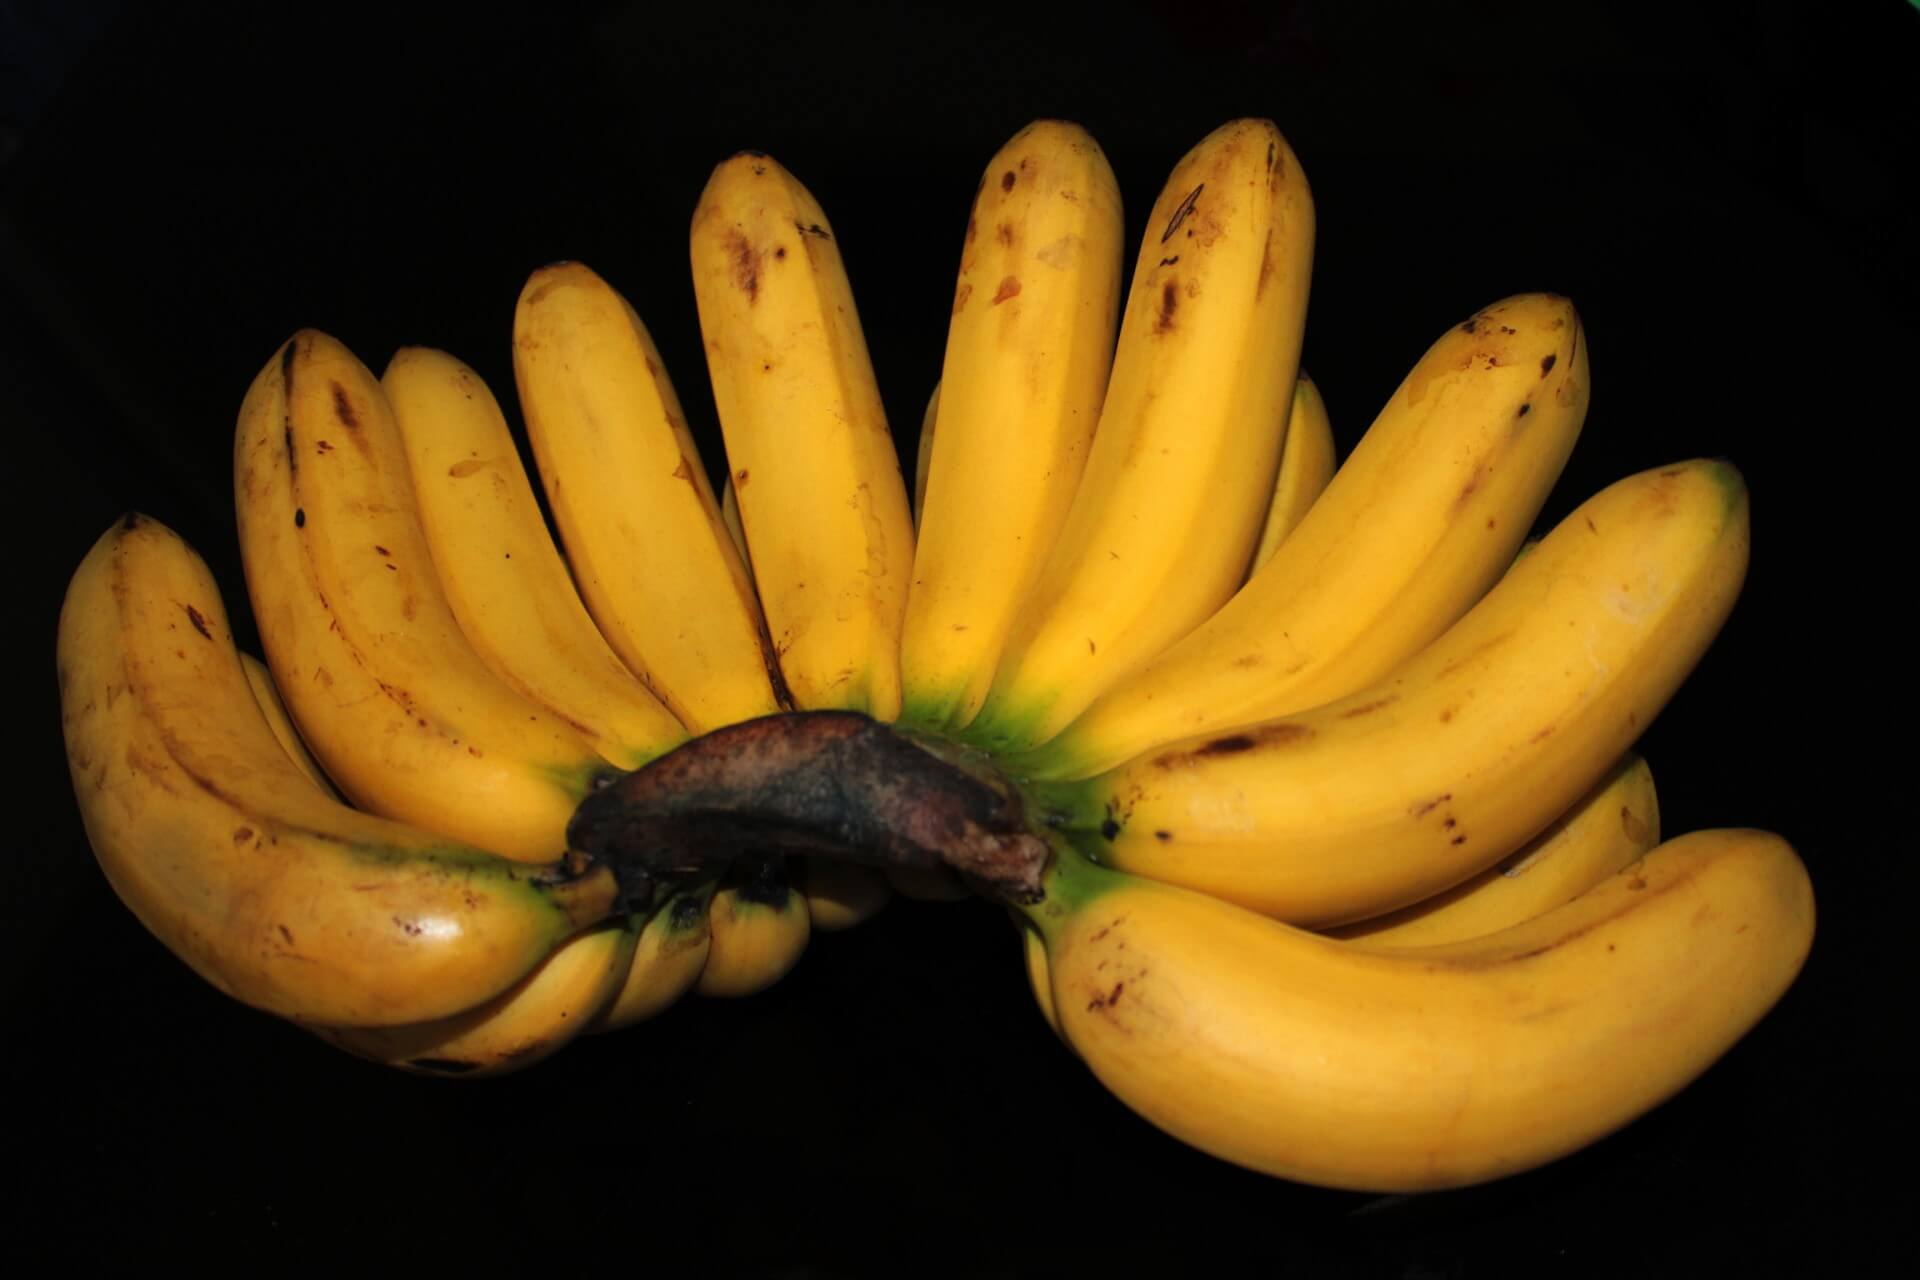 香蕉頭尾綠色易致癌